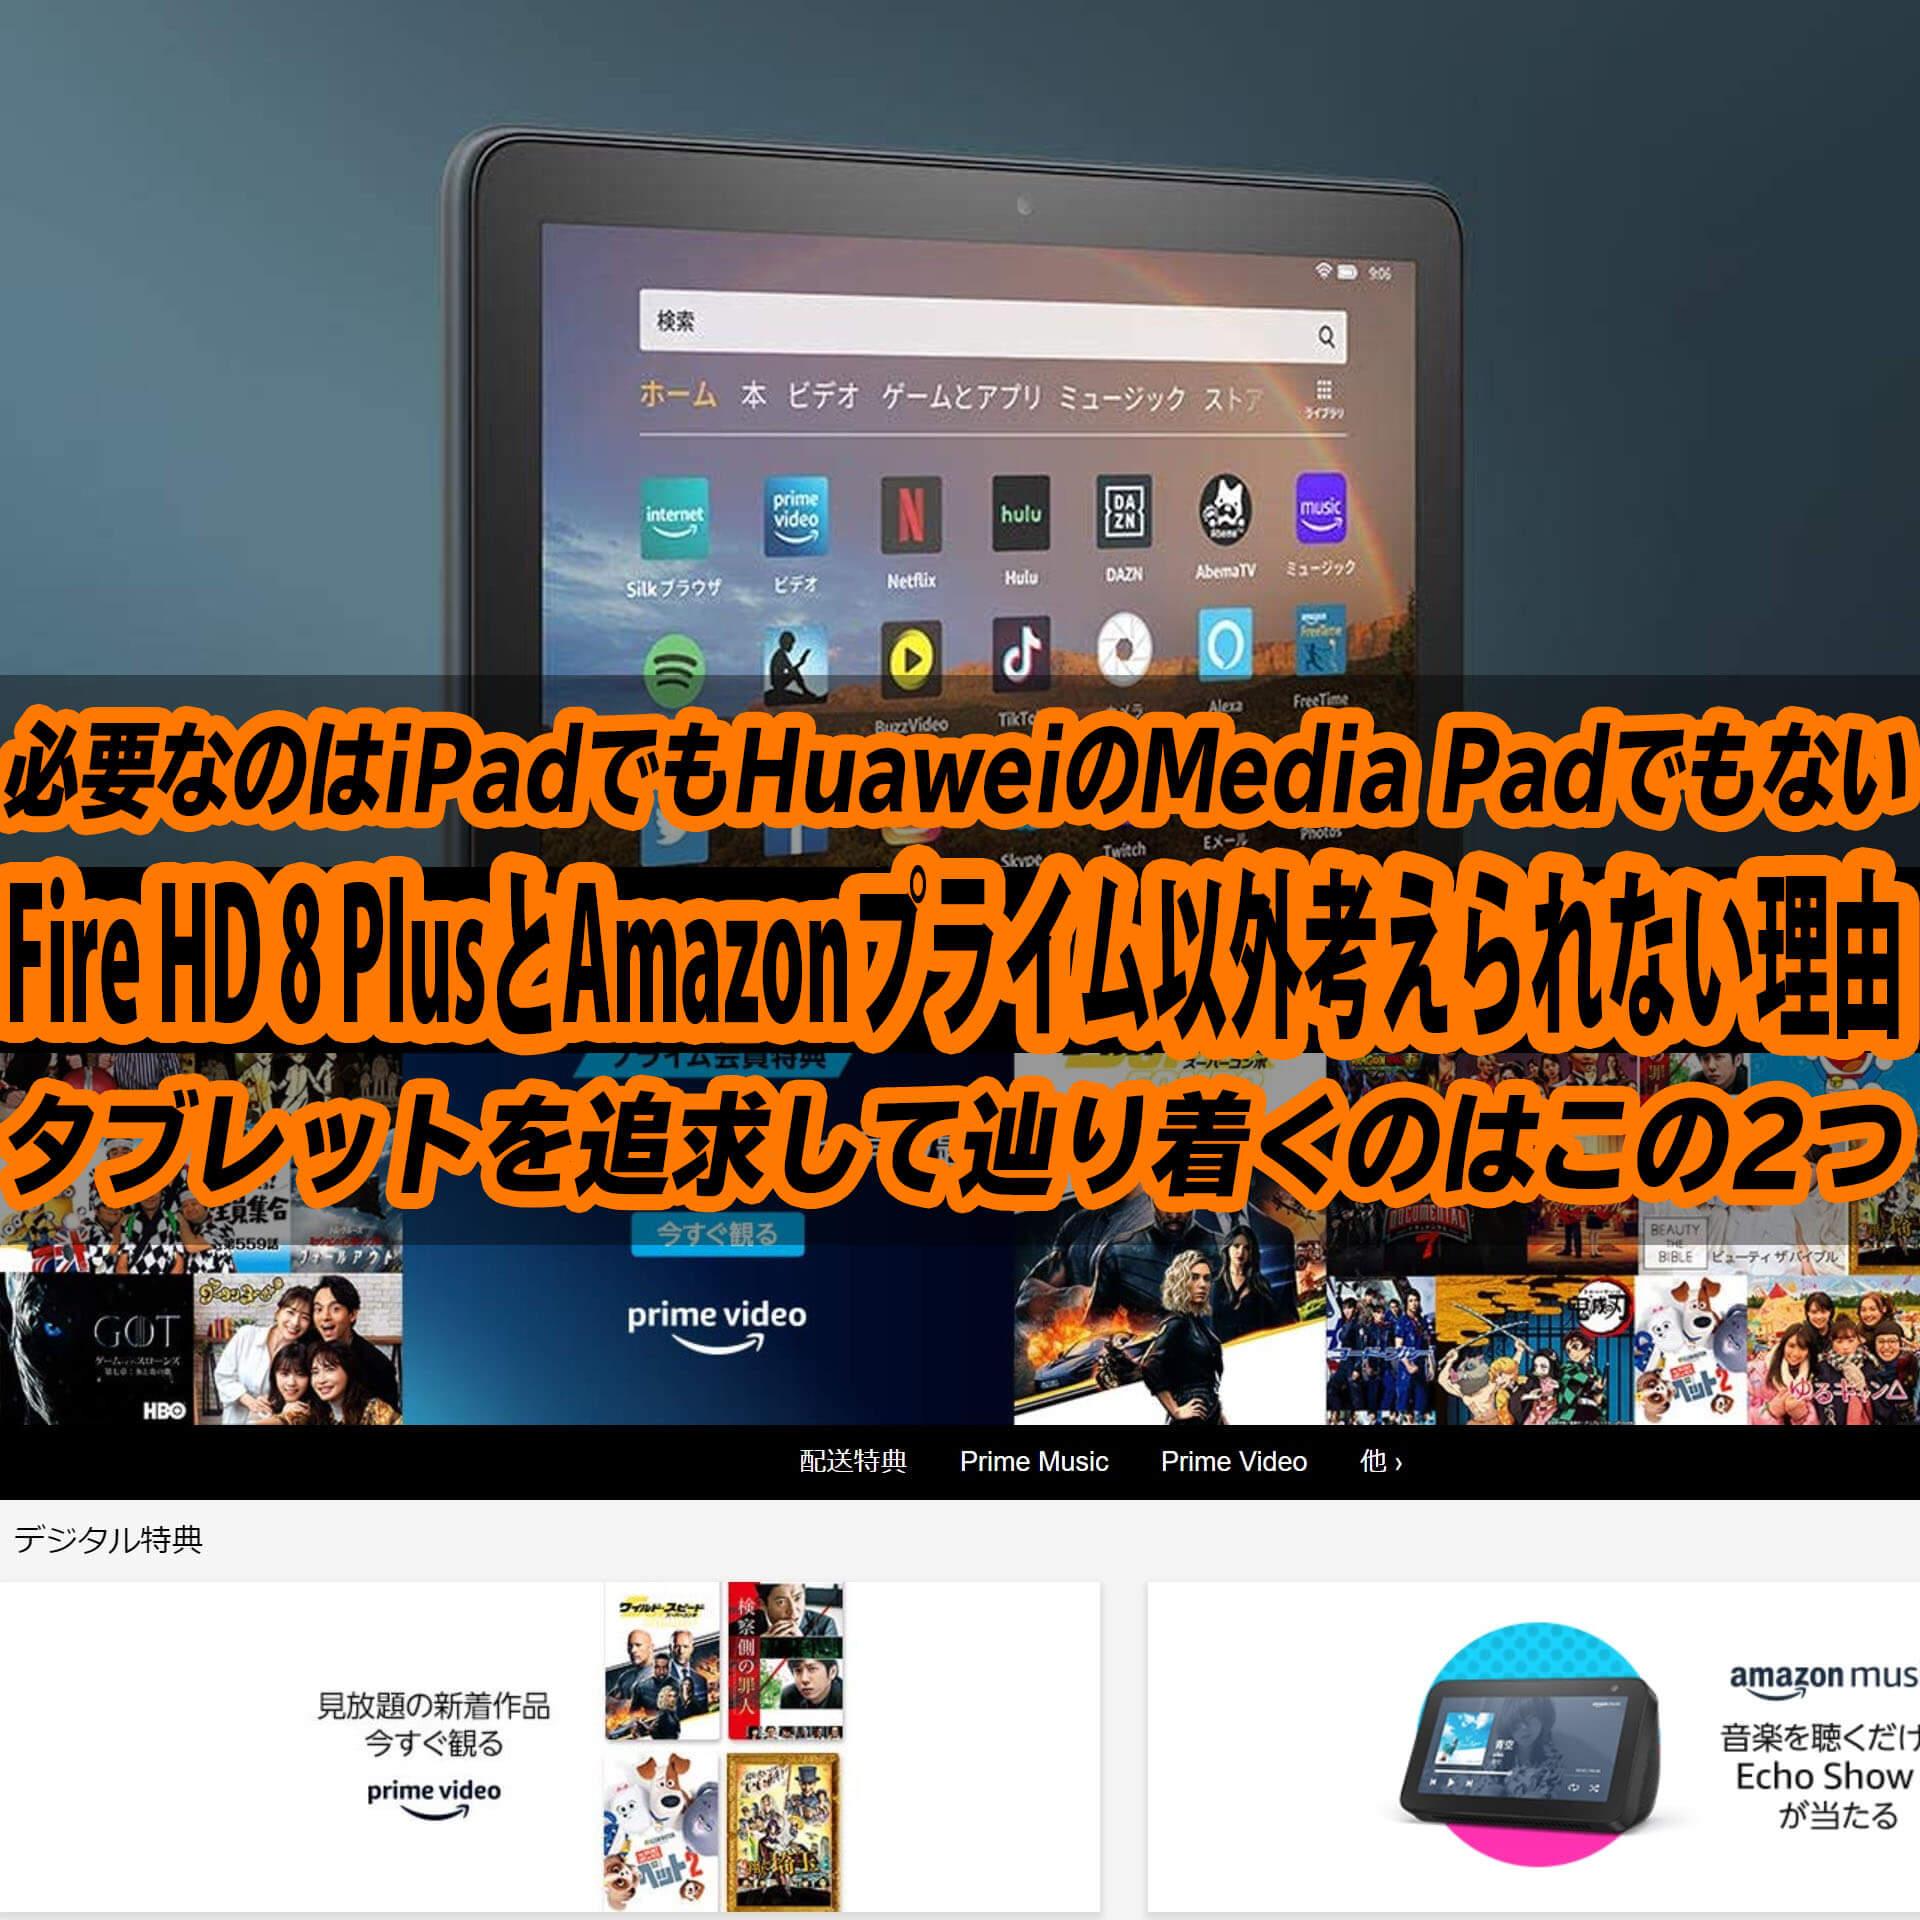 Fire Hd 8 Plusとamazonプライム以外考えられない理由 Ipadもmedia Padも不正解 ハイパーガジェット通信